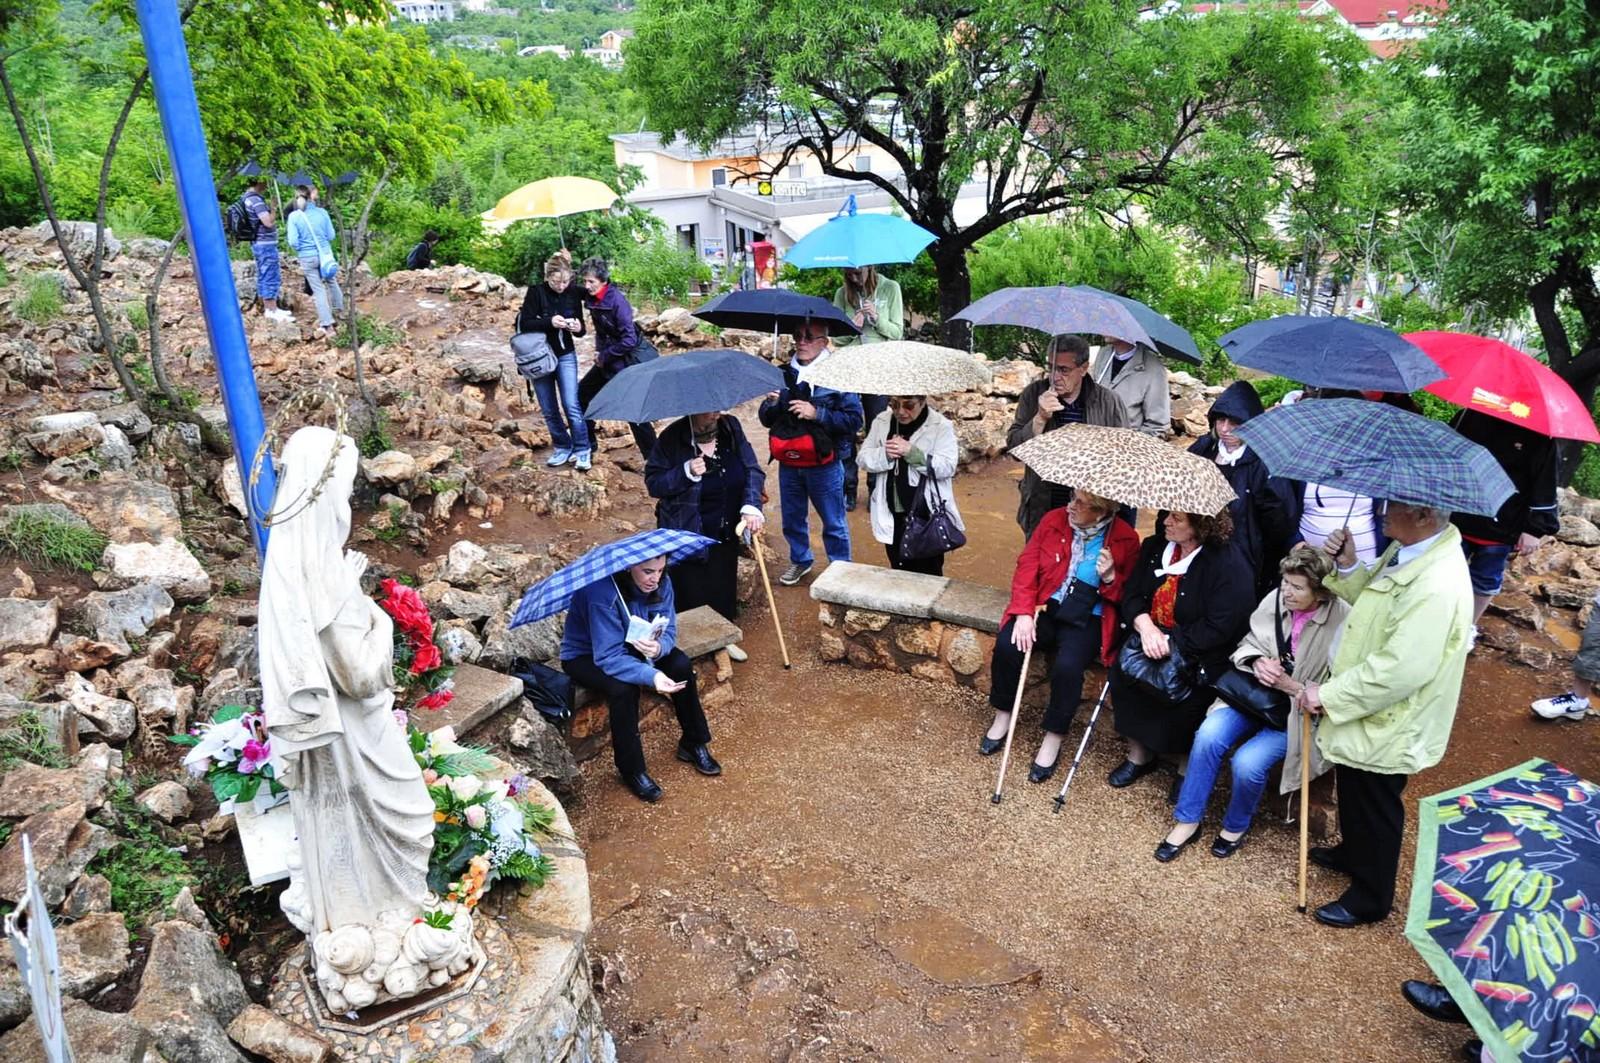 La Virgen misma Indicó Donde Construir la Cruz Azul de Medjugorje